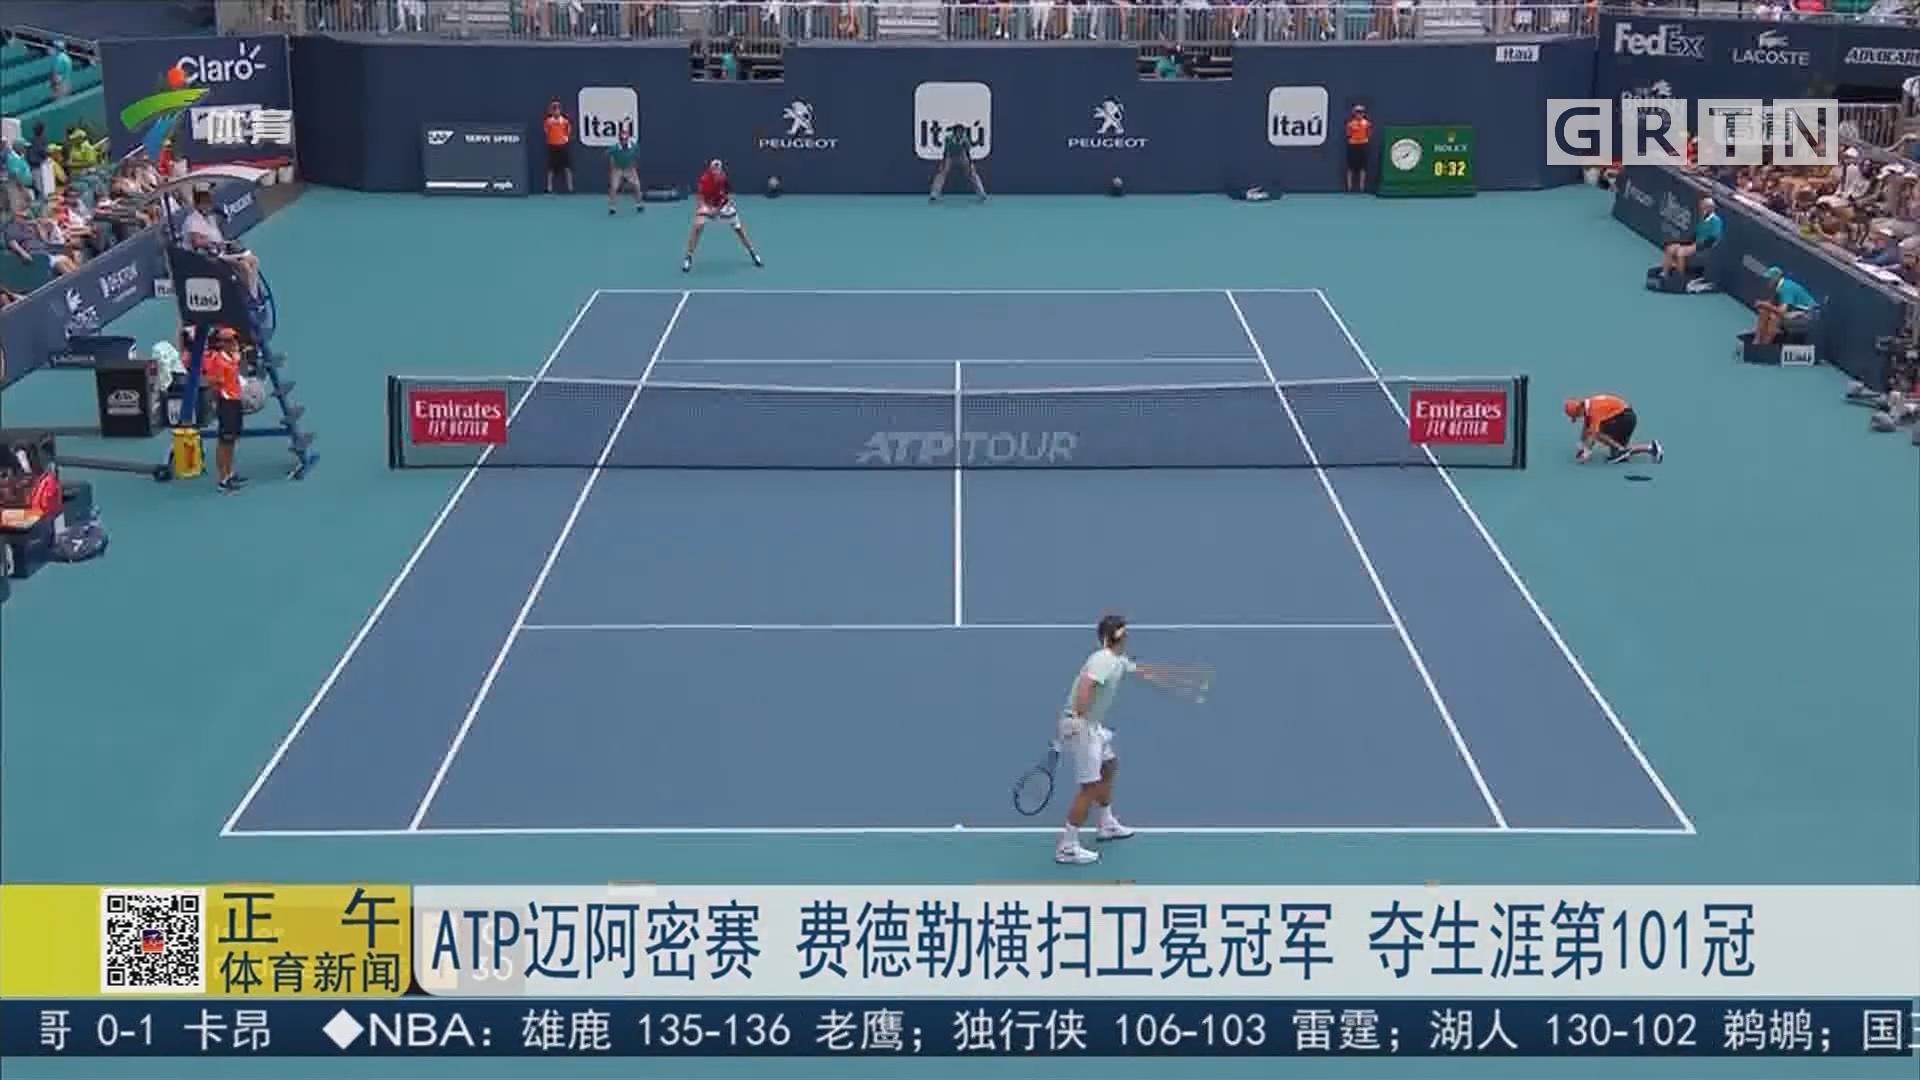 ATP迈阿密赛 费德勒横扫卫冕冠军 夺生涯第101冠